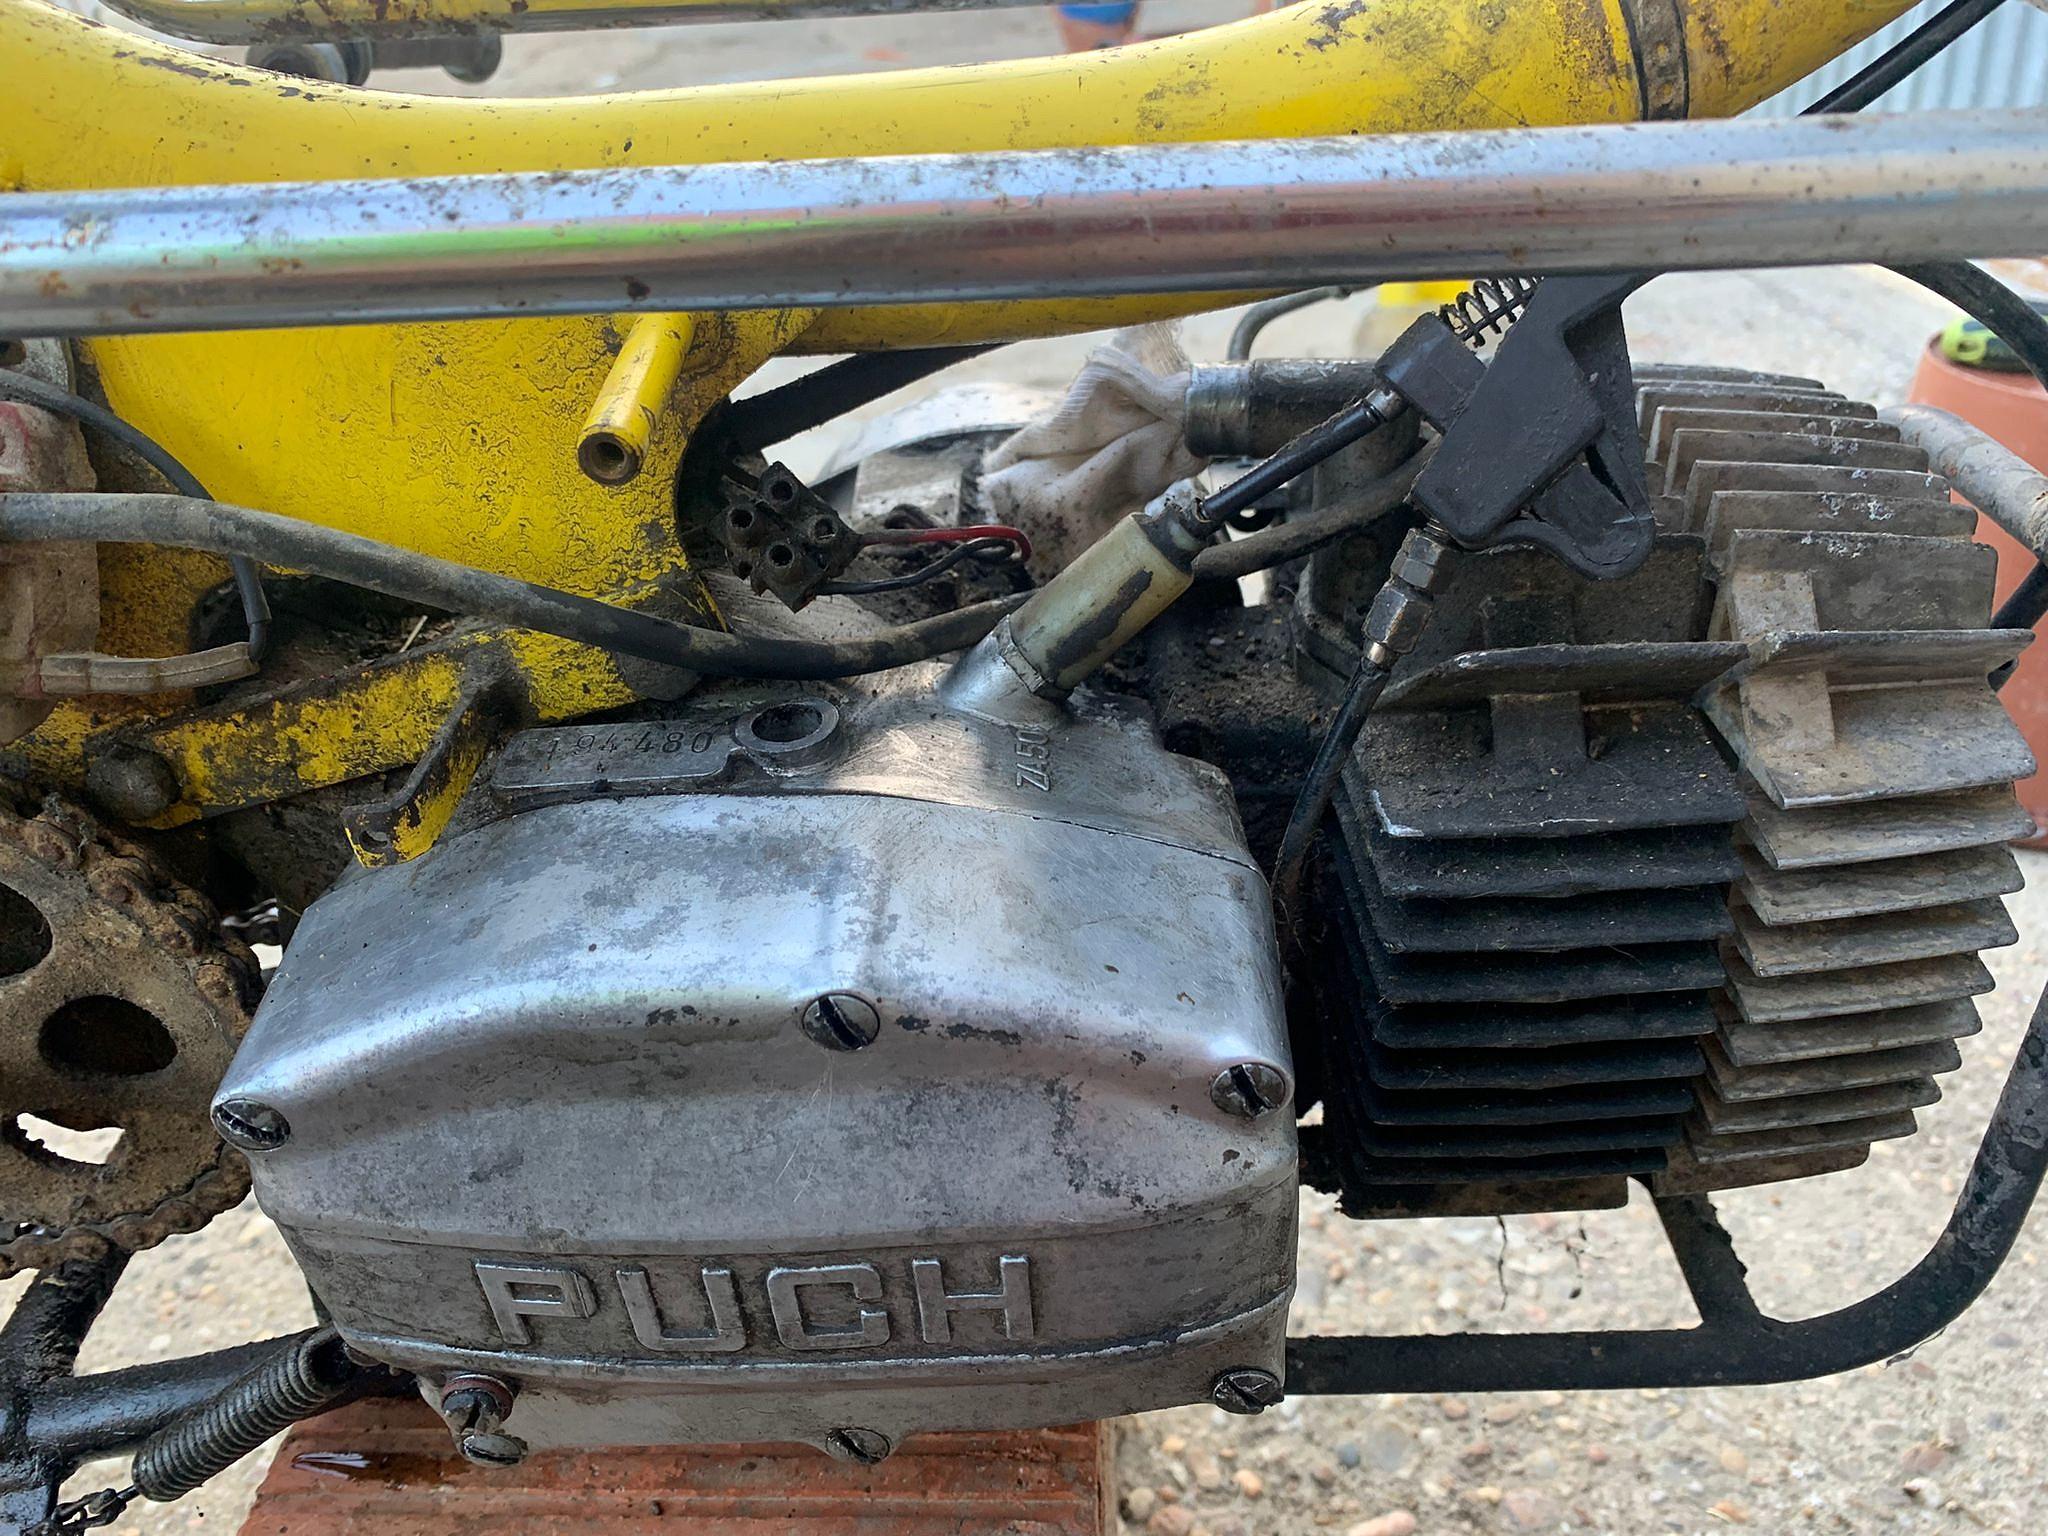 Problema con cable del descompresor Puch x30 cross Efe7f2612ab3a640c3c02ac4d5a95b28o